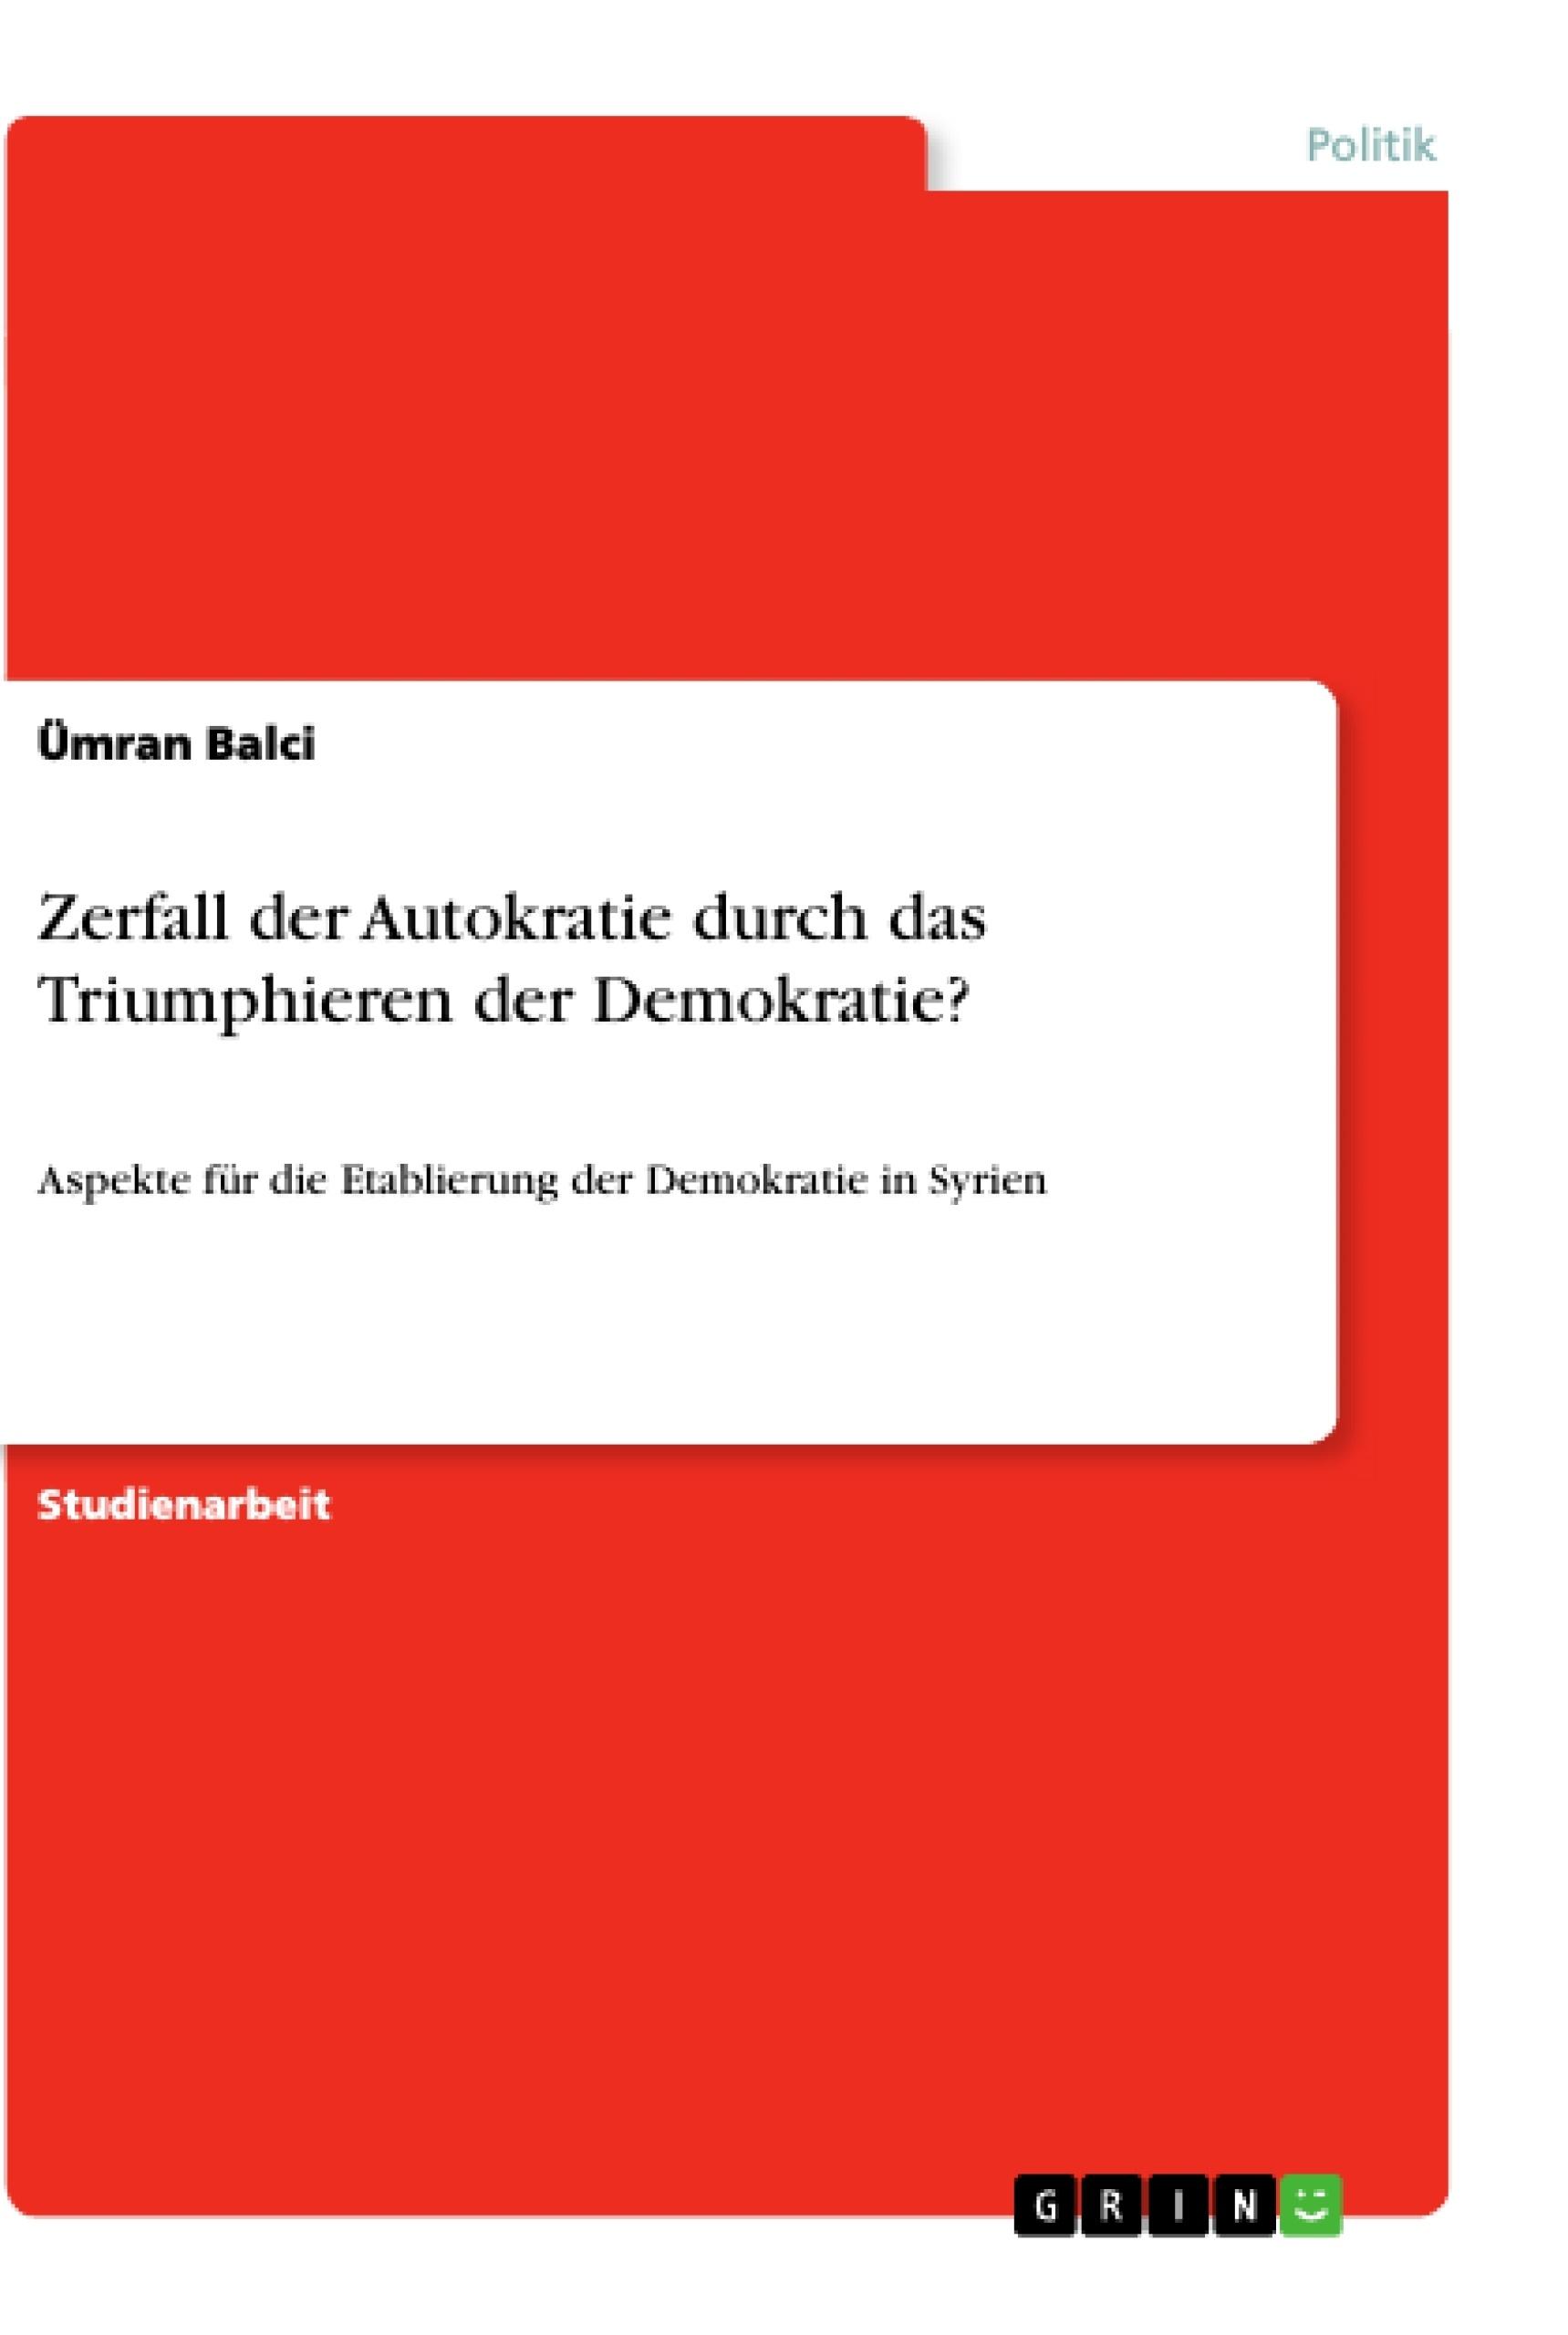 Titel: Zerfall der Autokratie durch das Triumphieren der Demokratie?